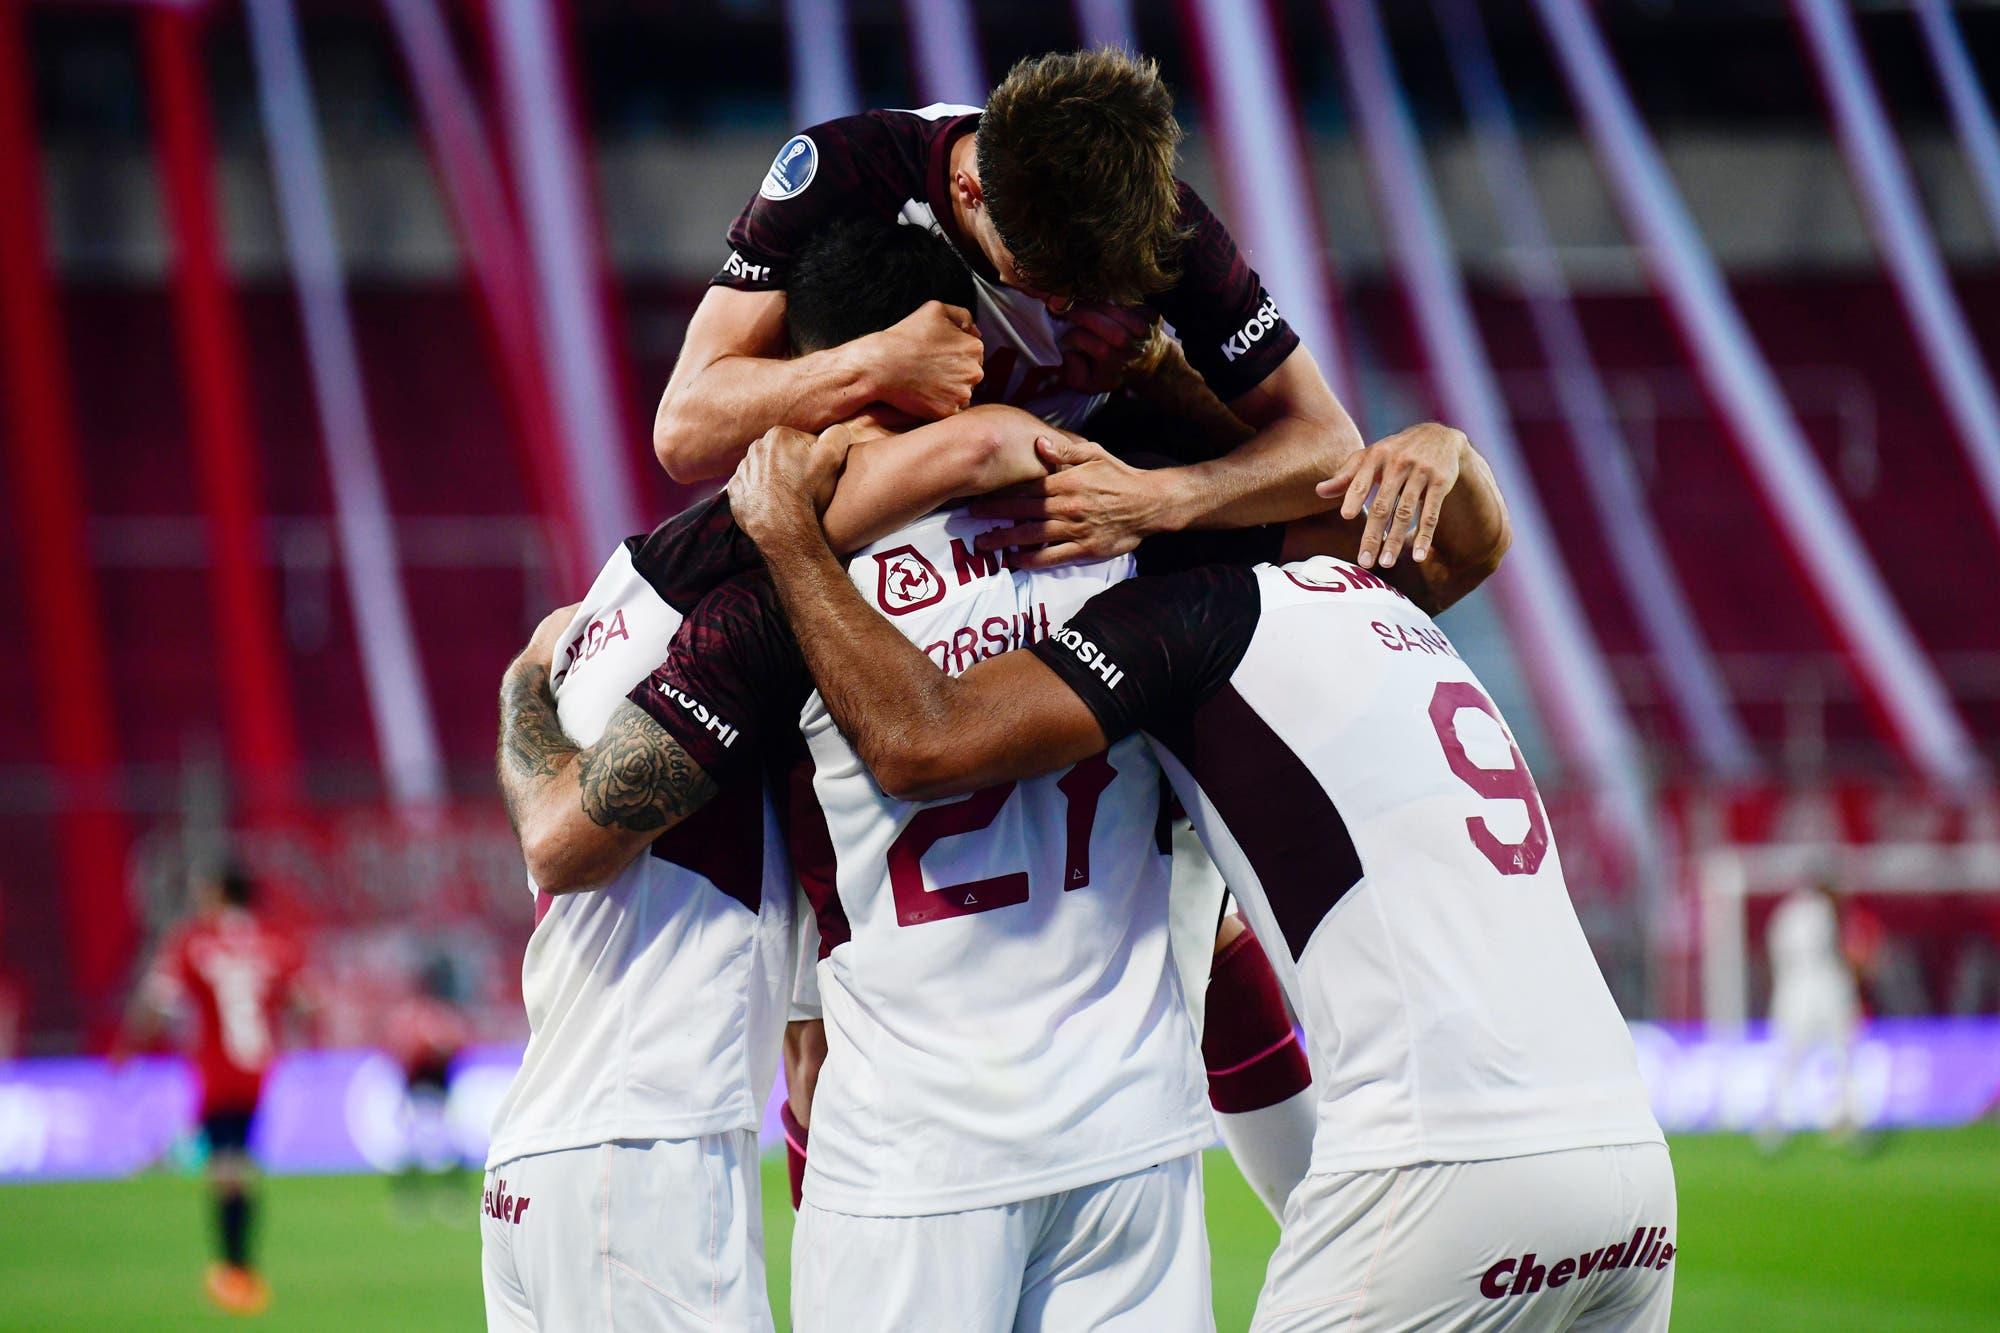 Independiente-Lanús, por la Copa Sudamericana: el Granate golea en Avellaneda y se acerca a la semifinal